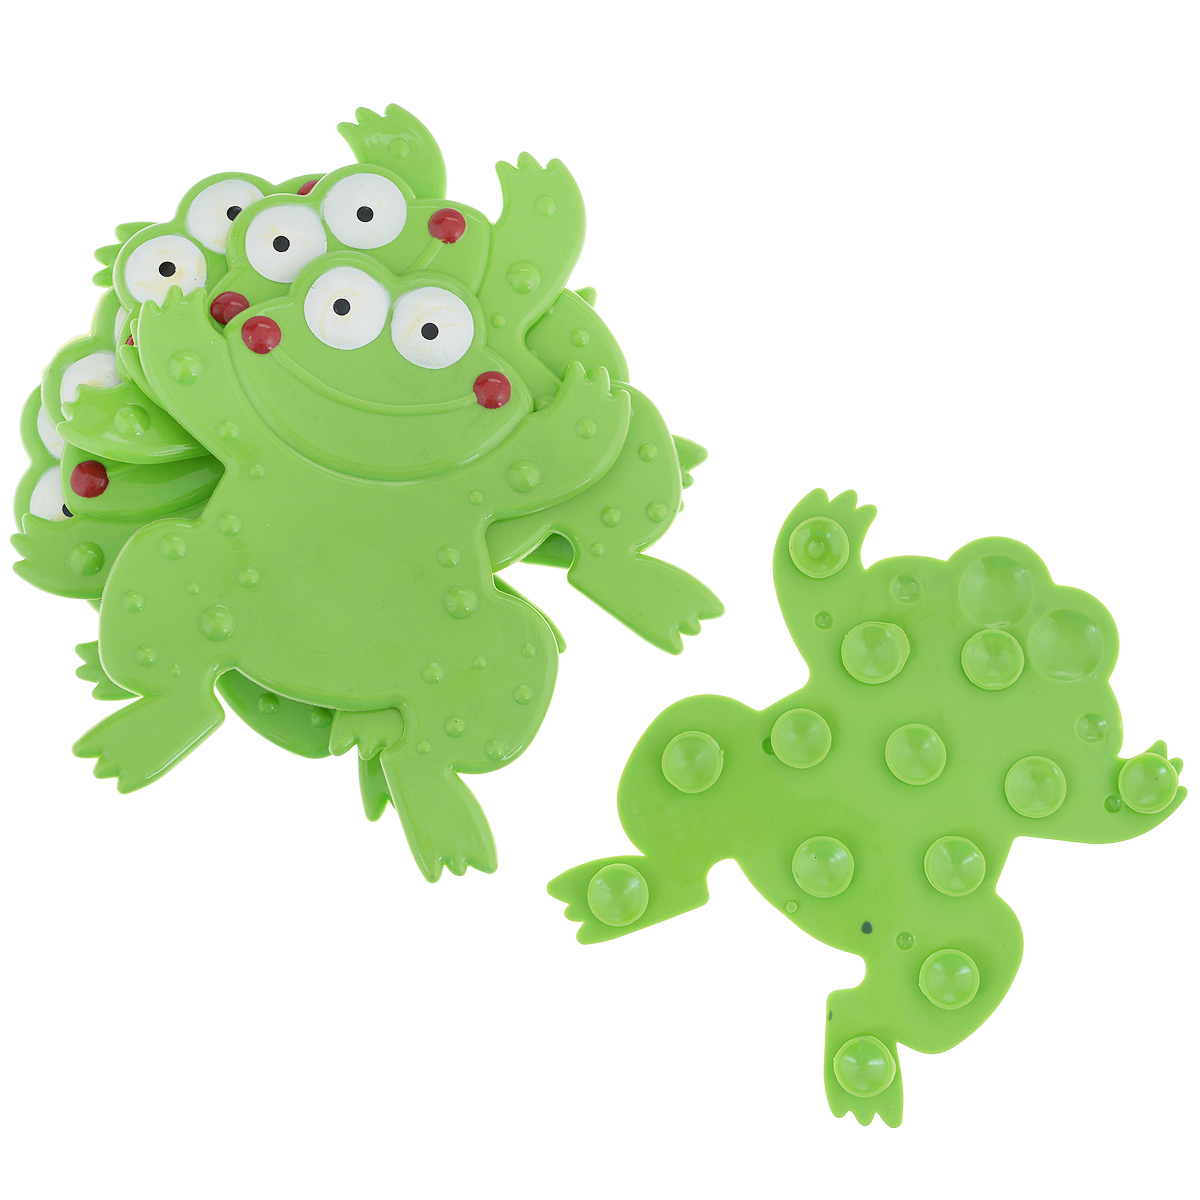 Набор мини-ковриков для ванной Лягушка, цвет: зеленый, 6 шт531-401Набор Лягушка включает шесть мини-ковриков для ванной. Изготовлены из PVC (полимерные материалы). Коврики оснащены присосками, предотвращающими скольжение. Крепятся на дно ванны, также можно использовать как декор для плитки. Легко чистить.